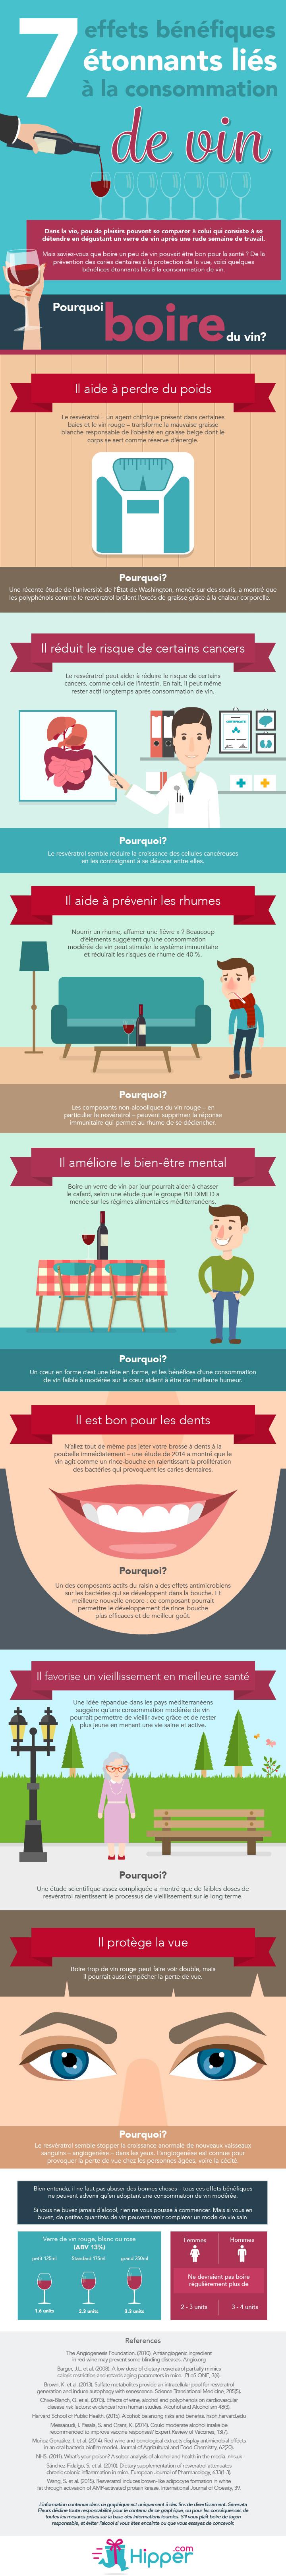 7-Effets-Benefiques-etonnants-Lies-a-la-Consommation-de-Vin